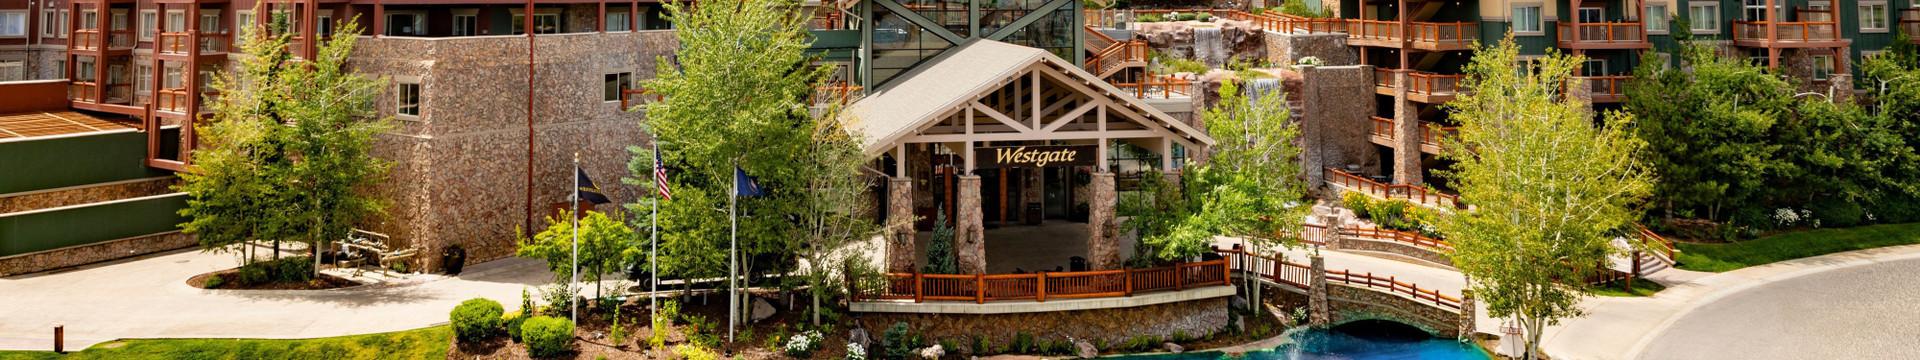 Park City Hotel Deals - Westgate Park City